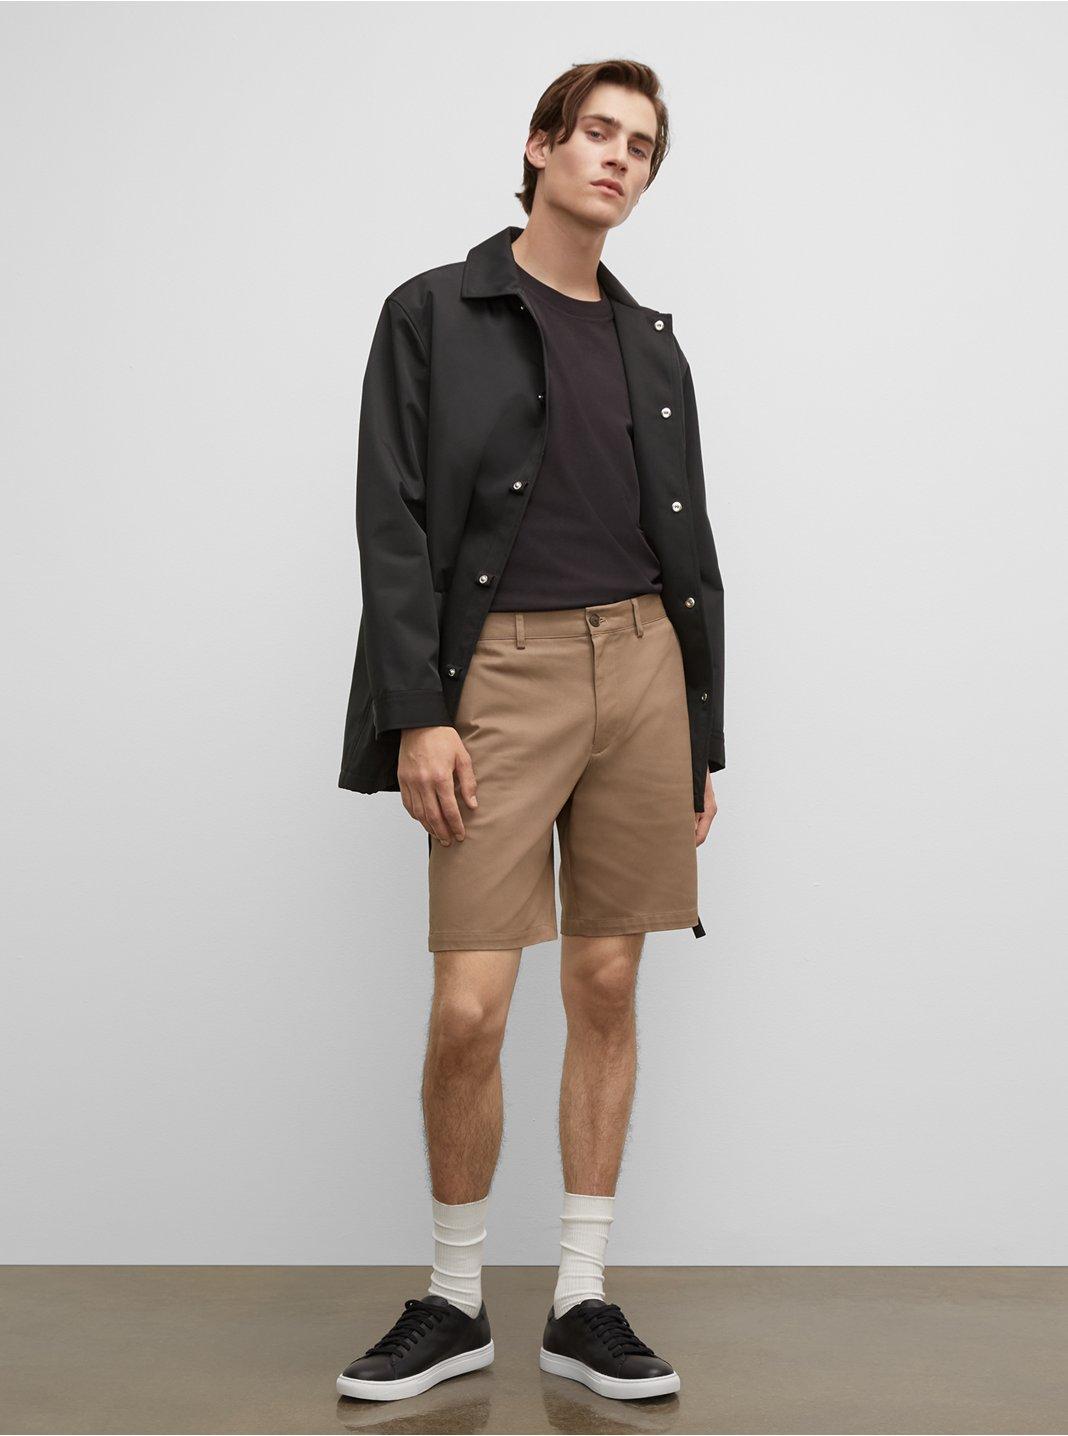 Maddox Twill Shorts